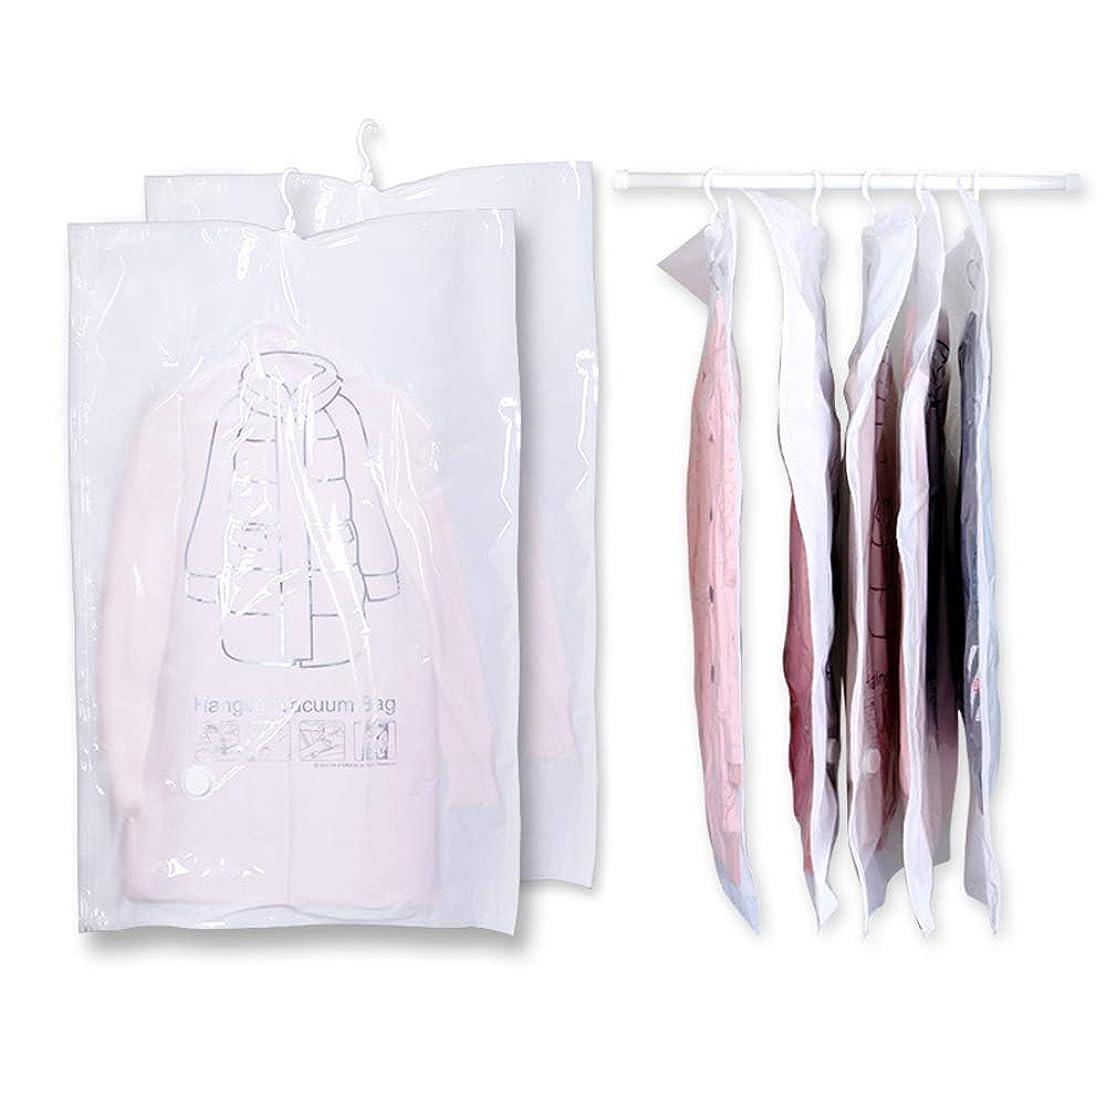 まだタンザニアピン真空バッグ衣料品収納オーガナイザーバッグ大型シール圧縮省スペースバッグ (90x70cm)